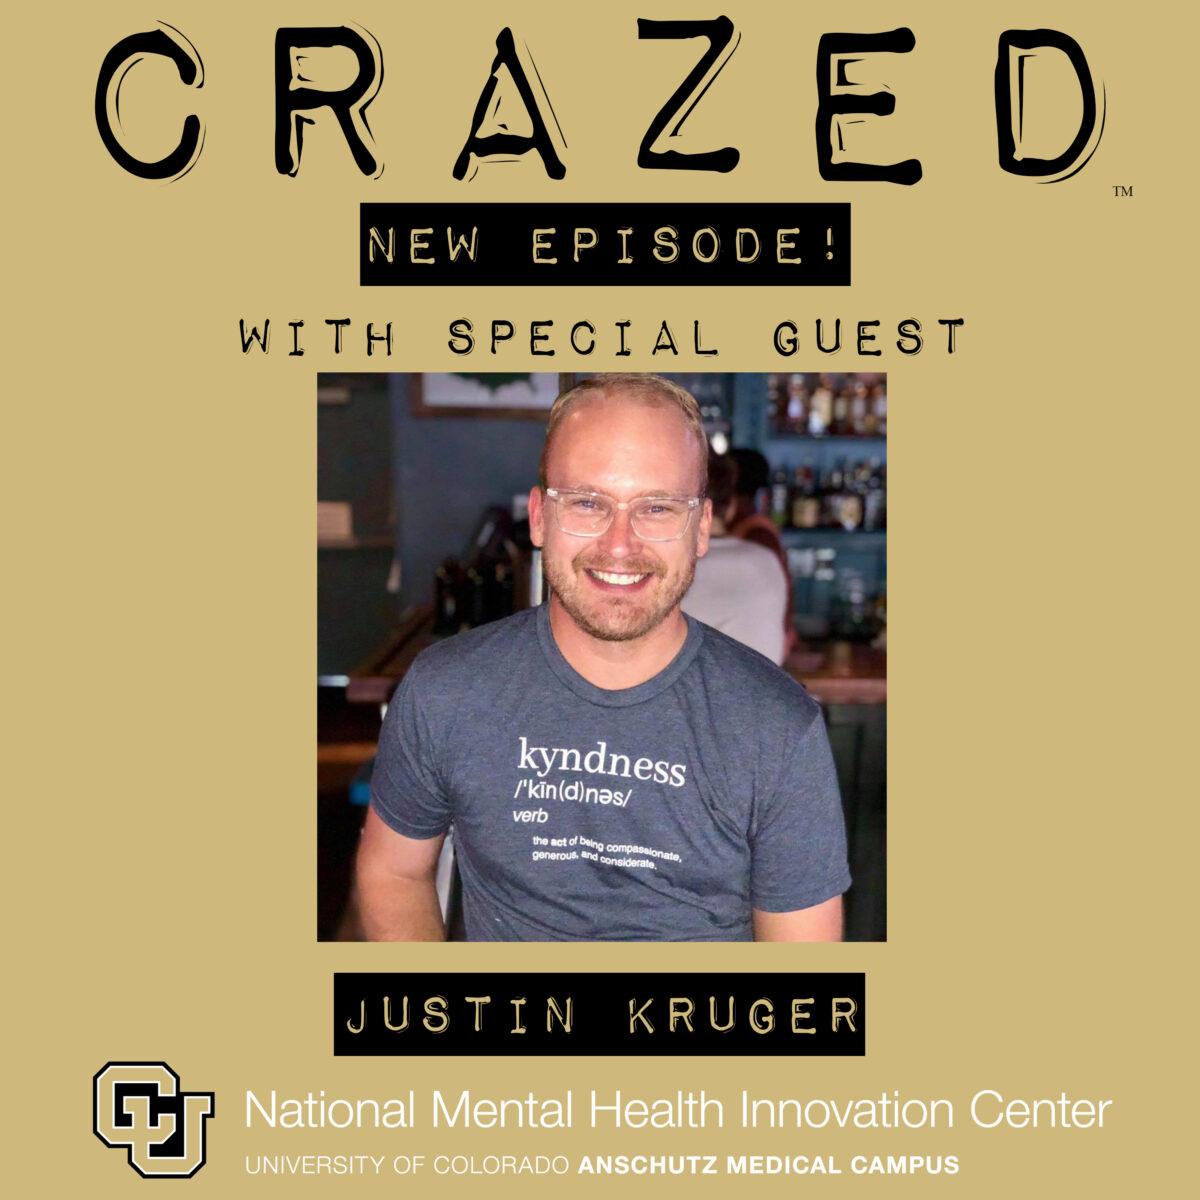 Podcast Episode with Justin Kruger